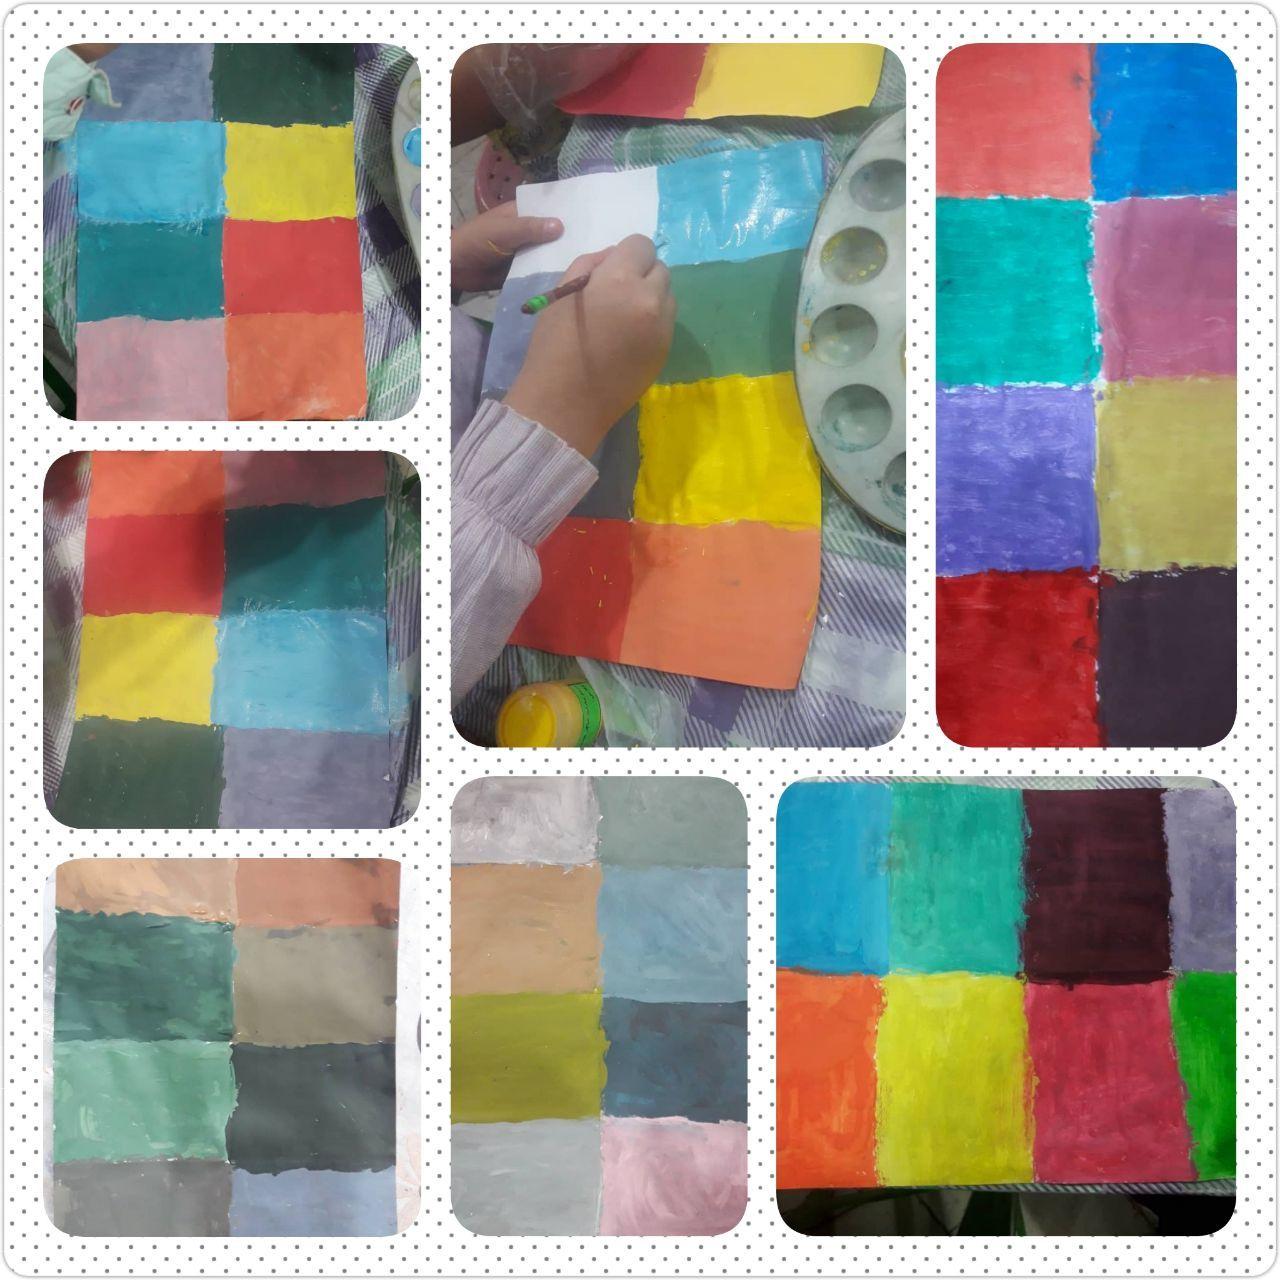 آموزش ترکیب رنگها در کارگاه نقاشی دختران پایه سوم دبستان دخترانه رفاه